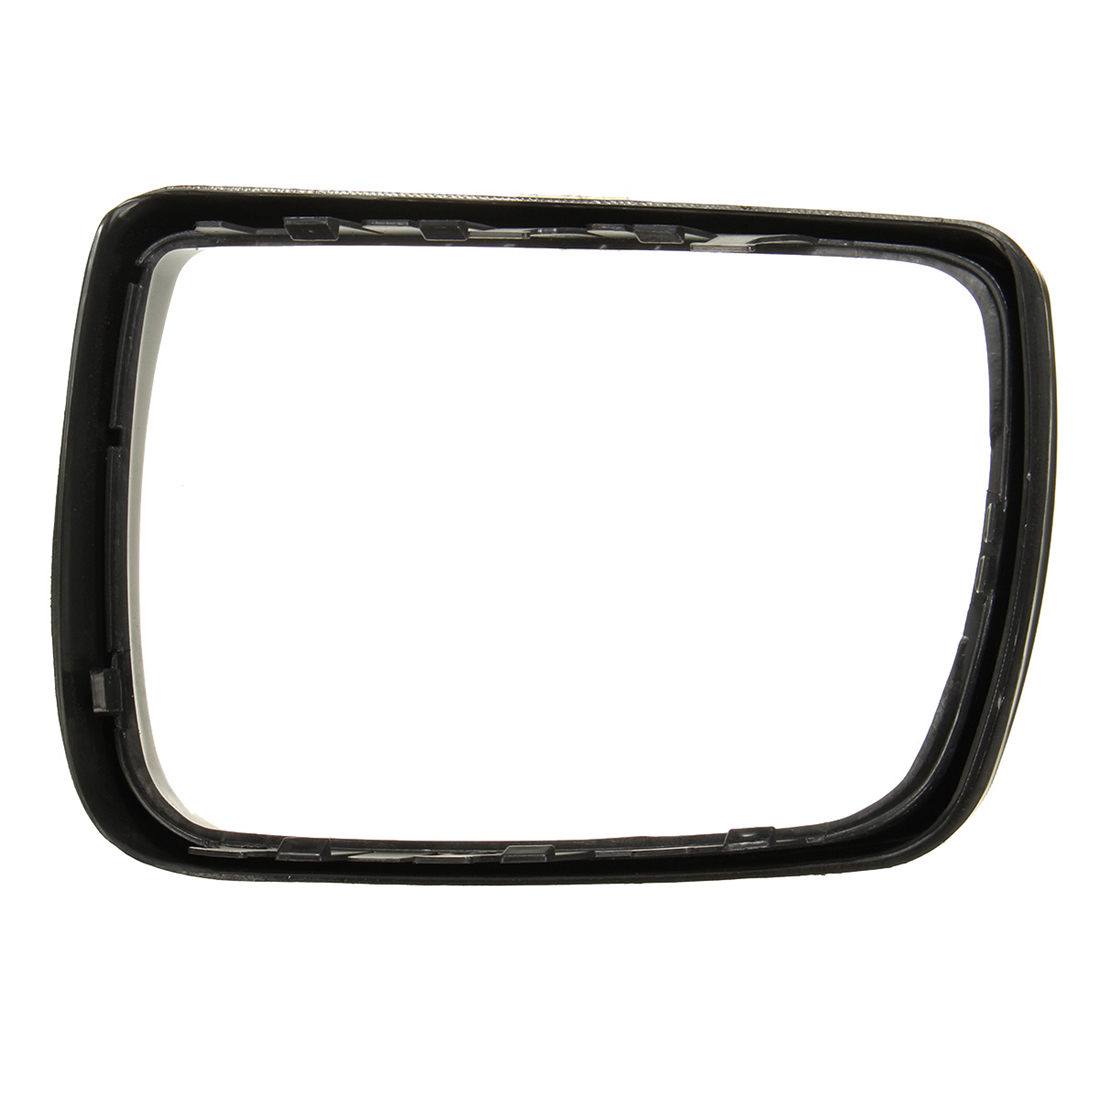 Original Right Door Mirror Cover Cap Trim Ring Replacement For Bmw X5 E53 Black